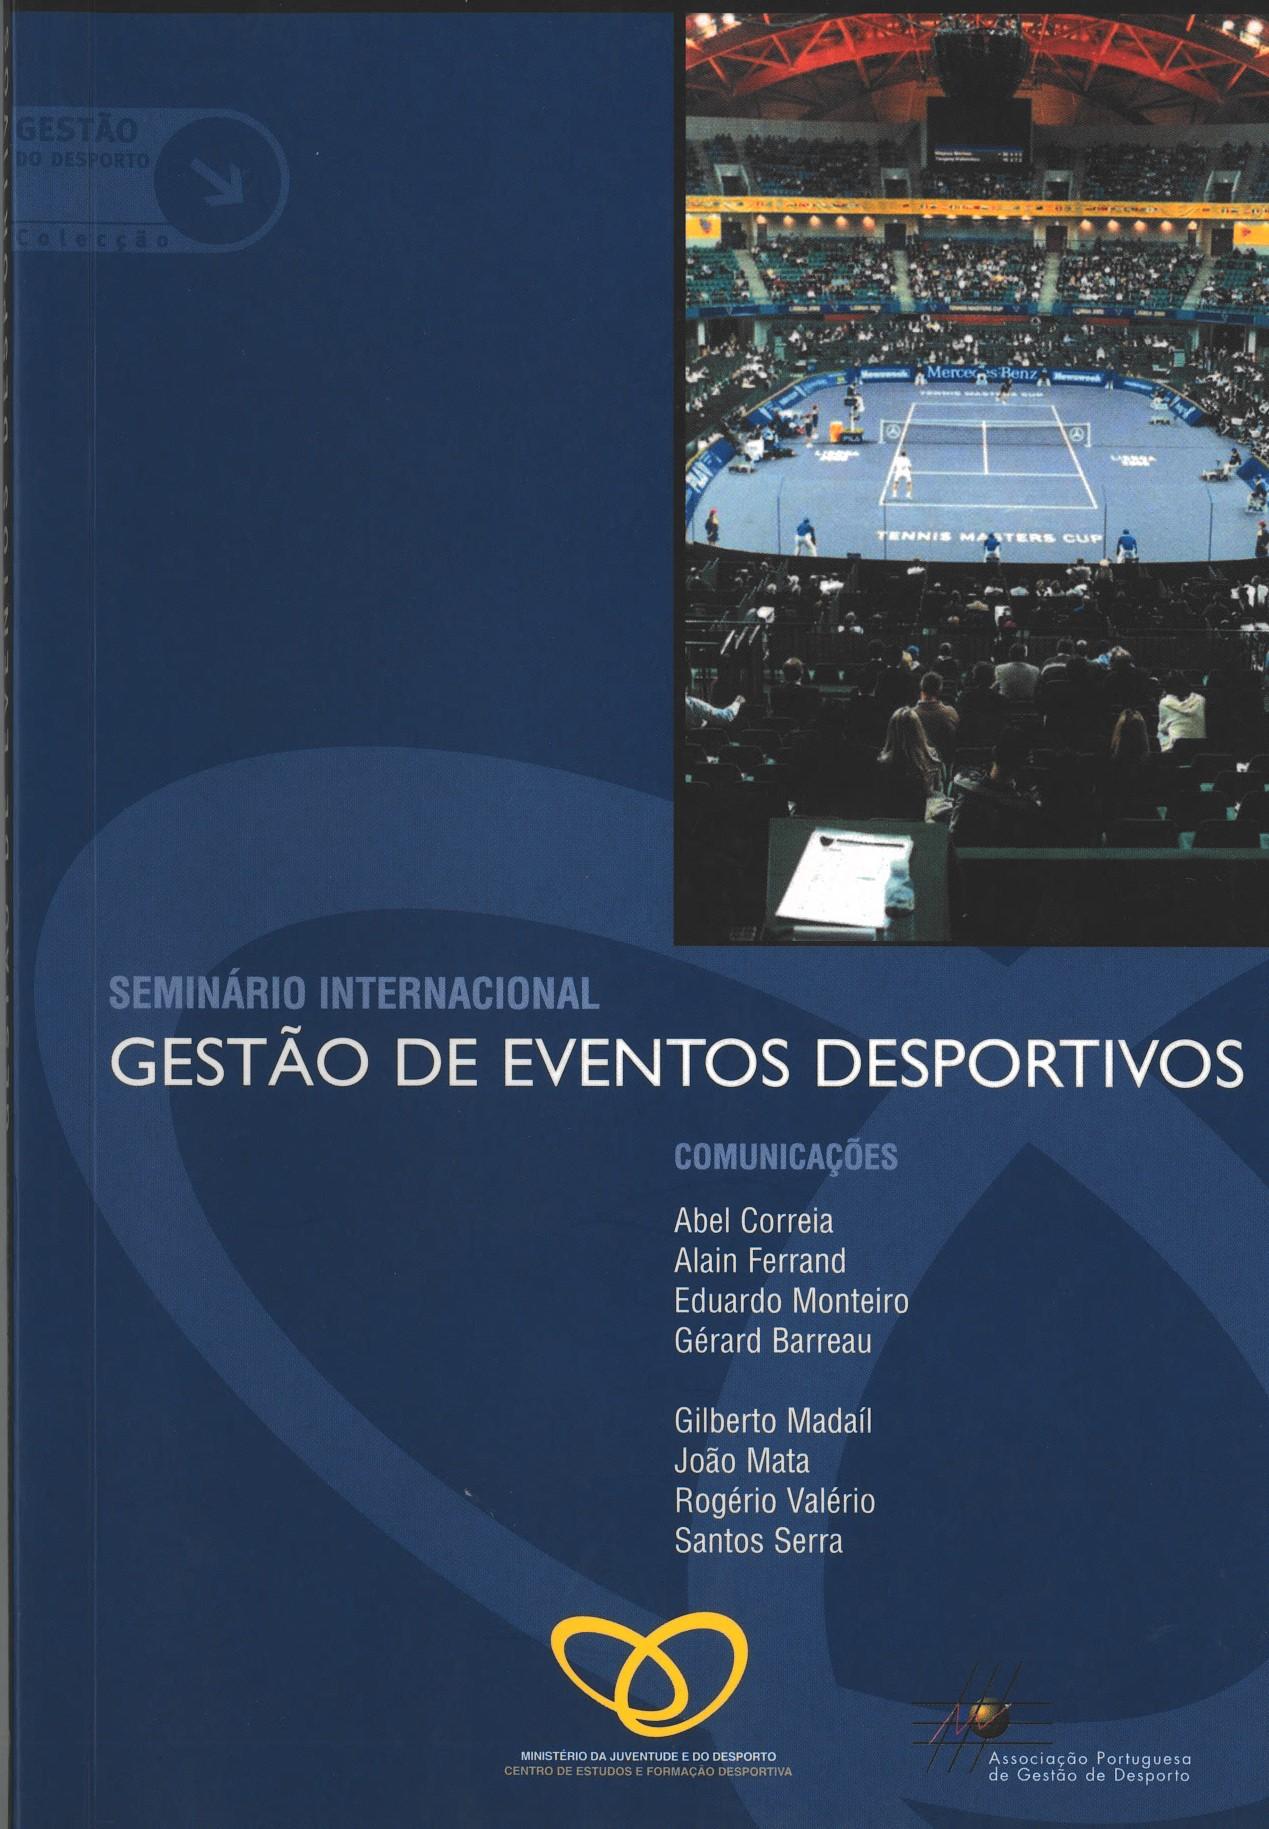 Seminário Internacional - Gestão de eventos desportivos